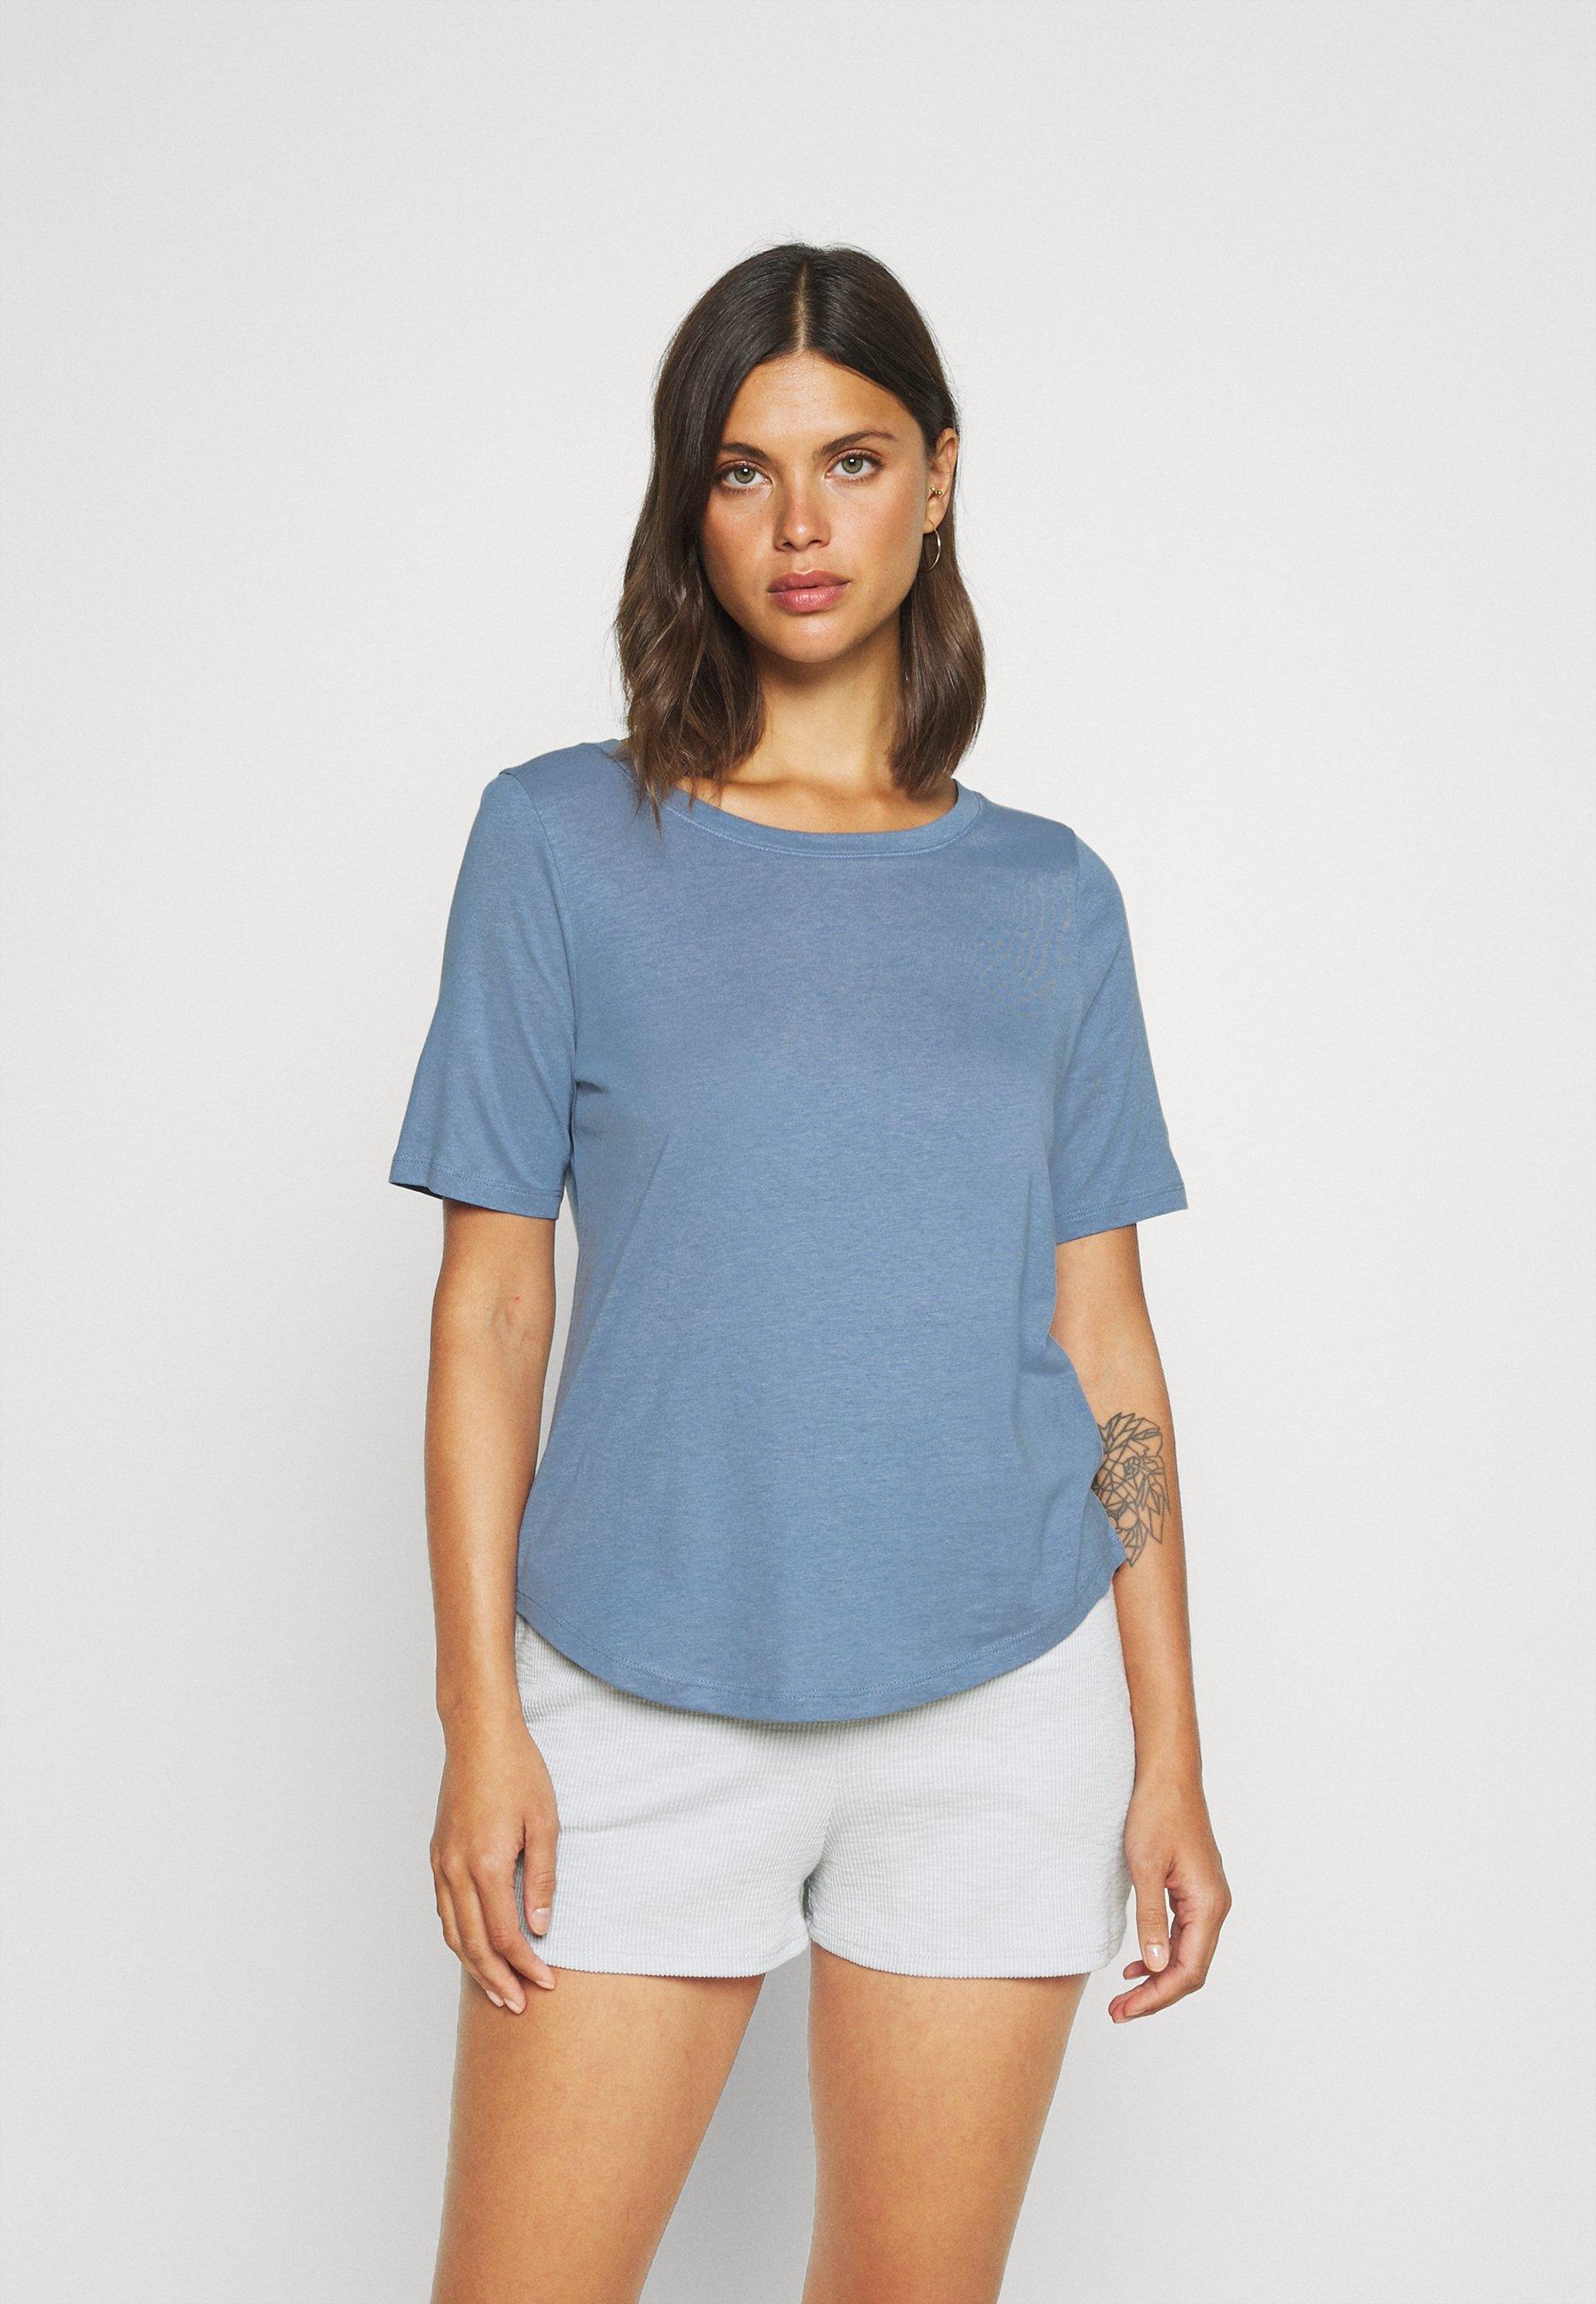 Donna 2 PACK - Maglia del pigiama